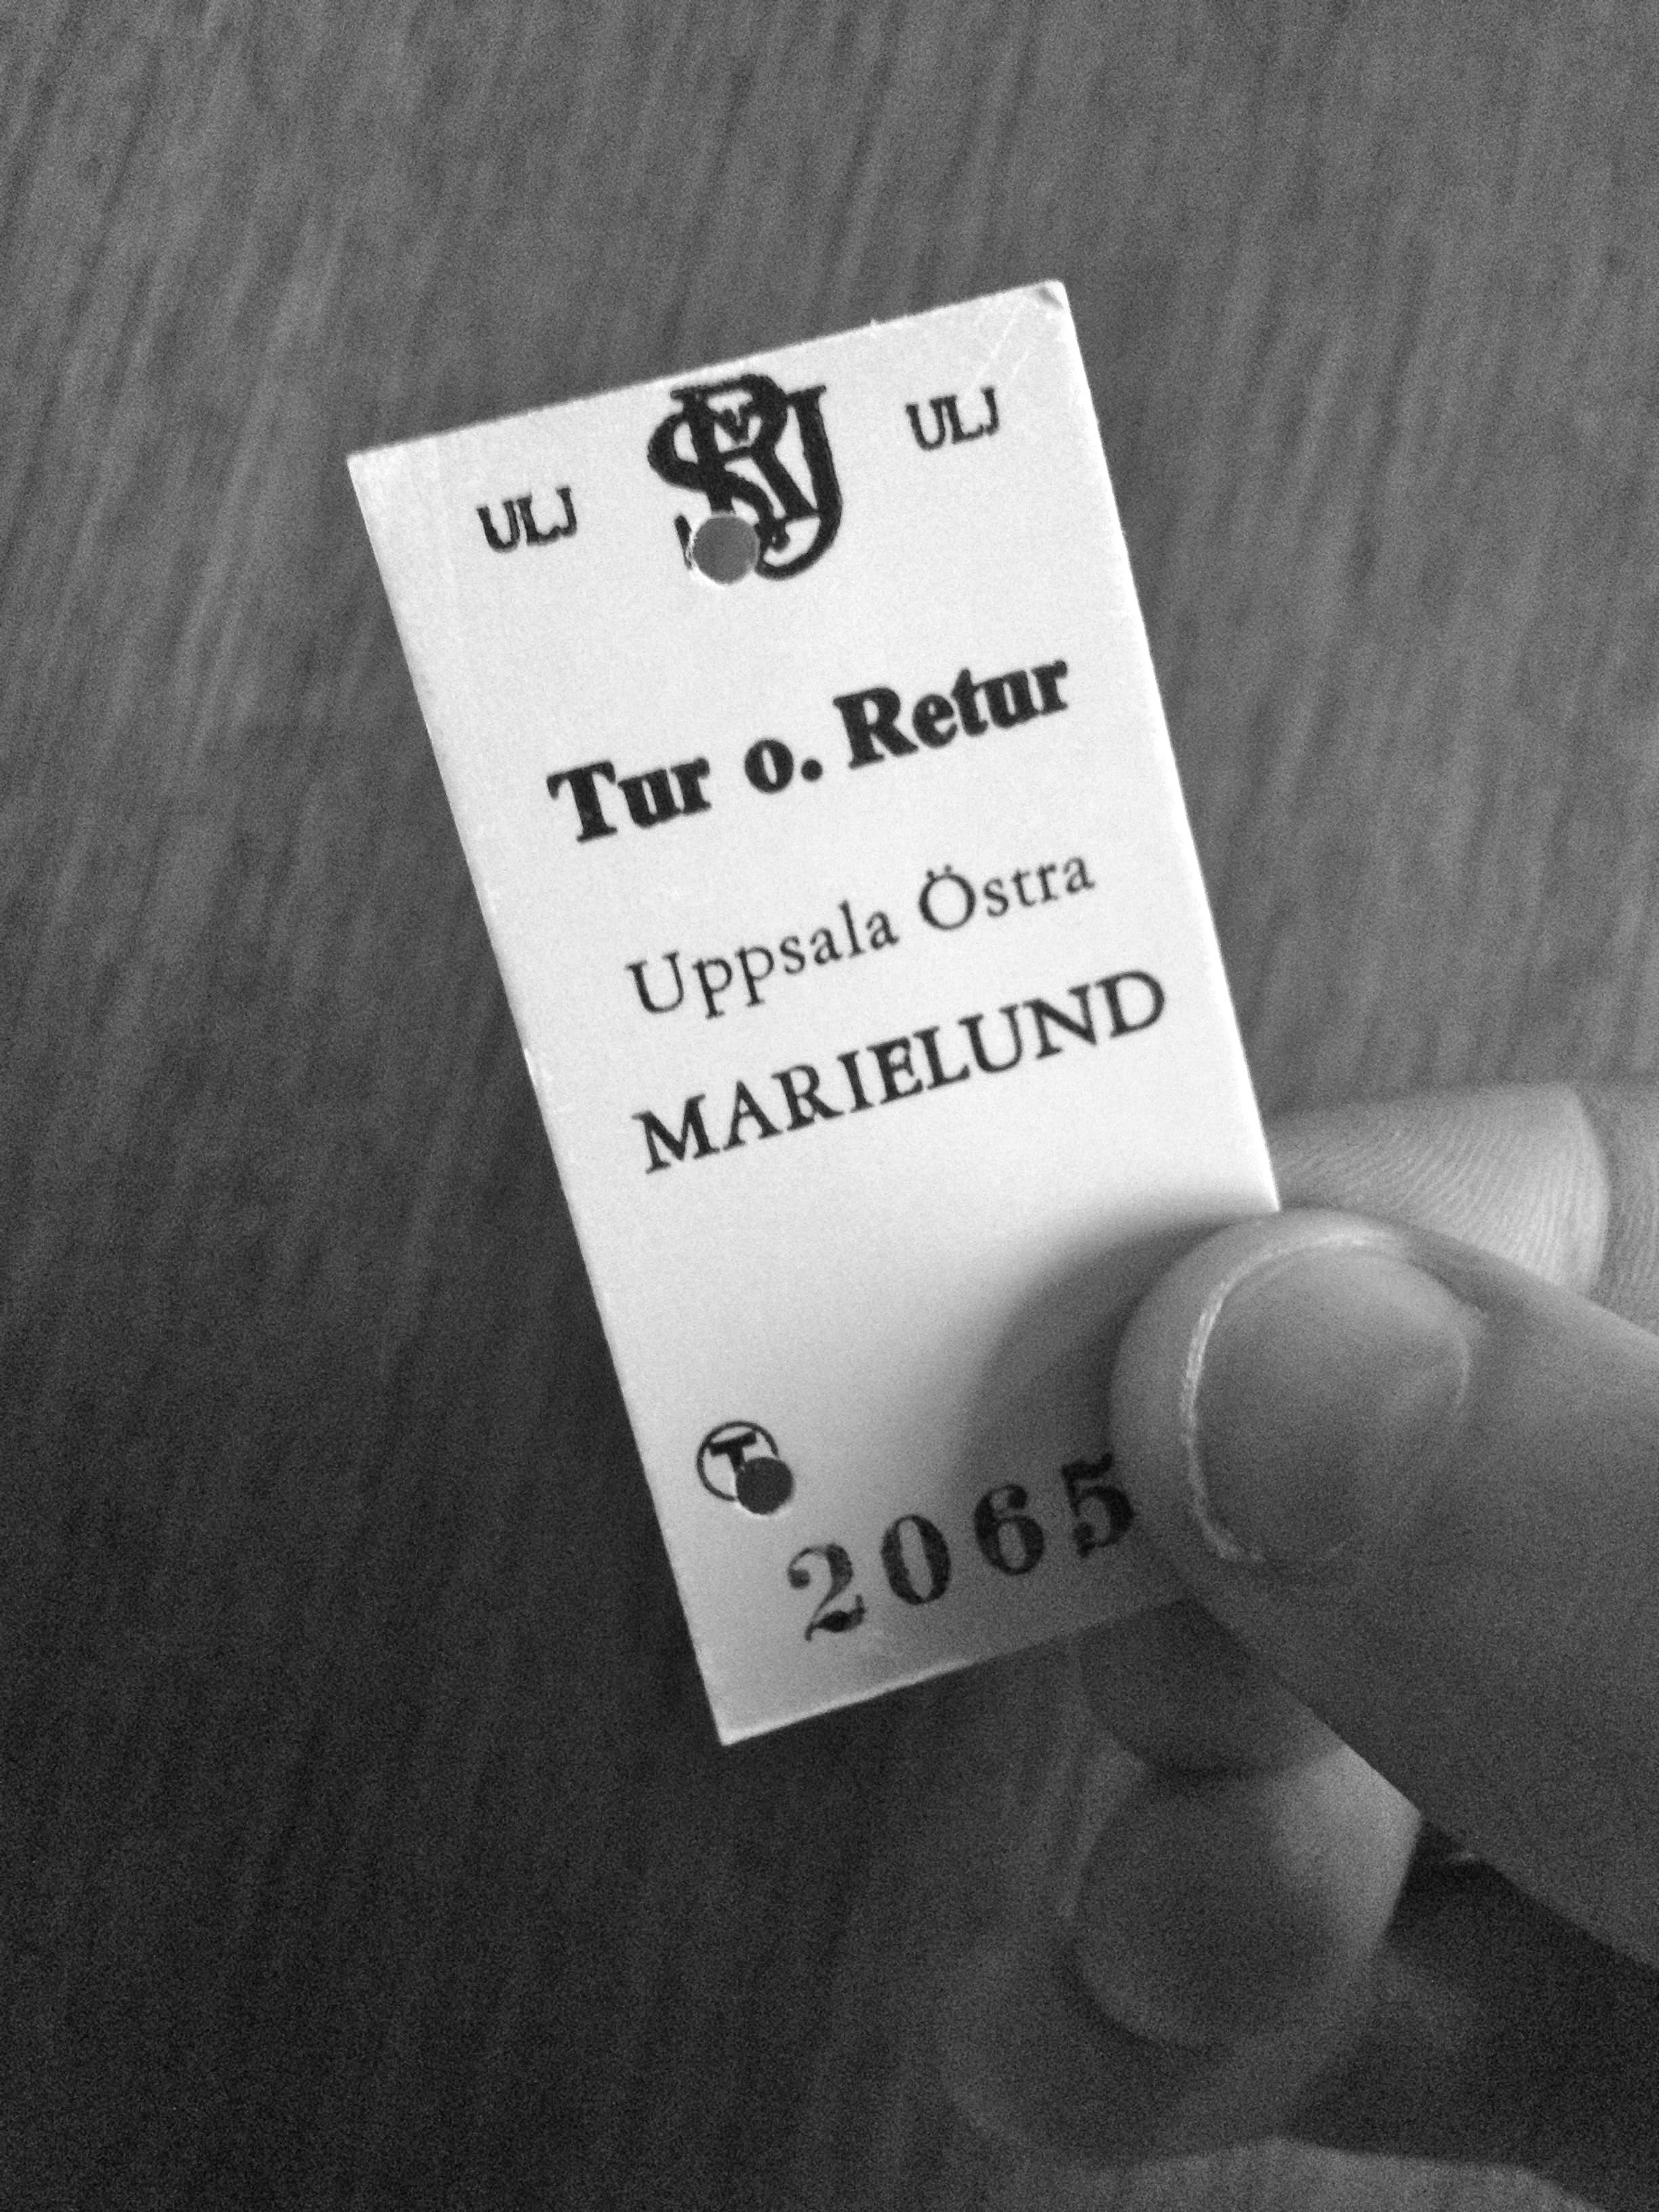 Biljett, Marielund